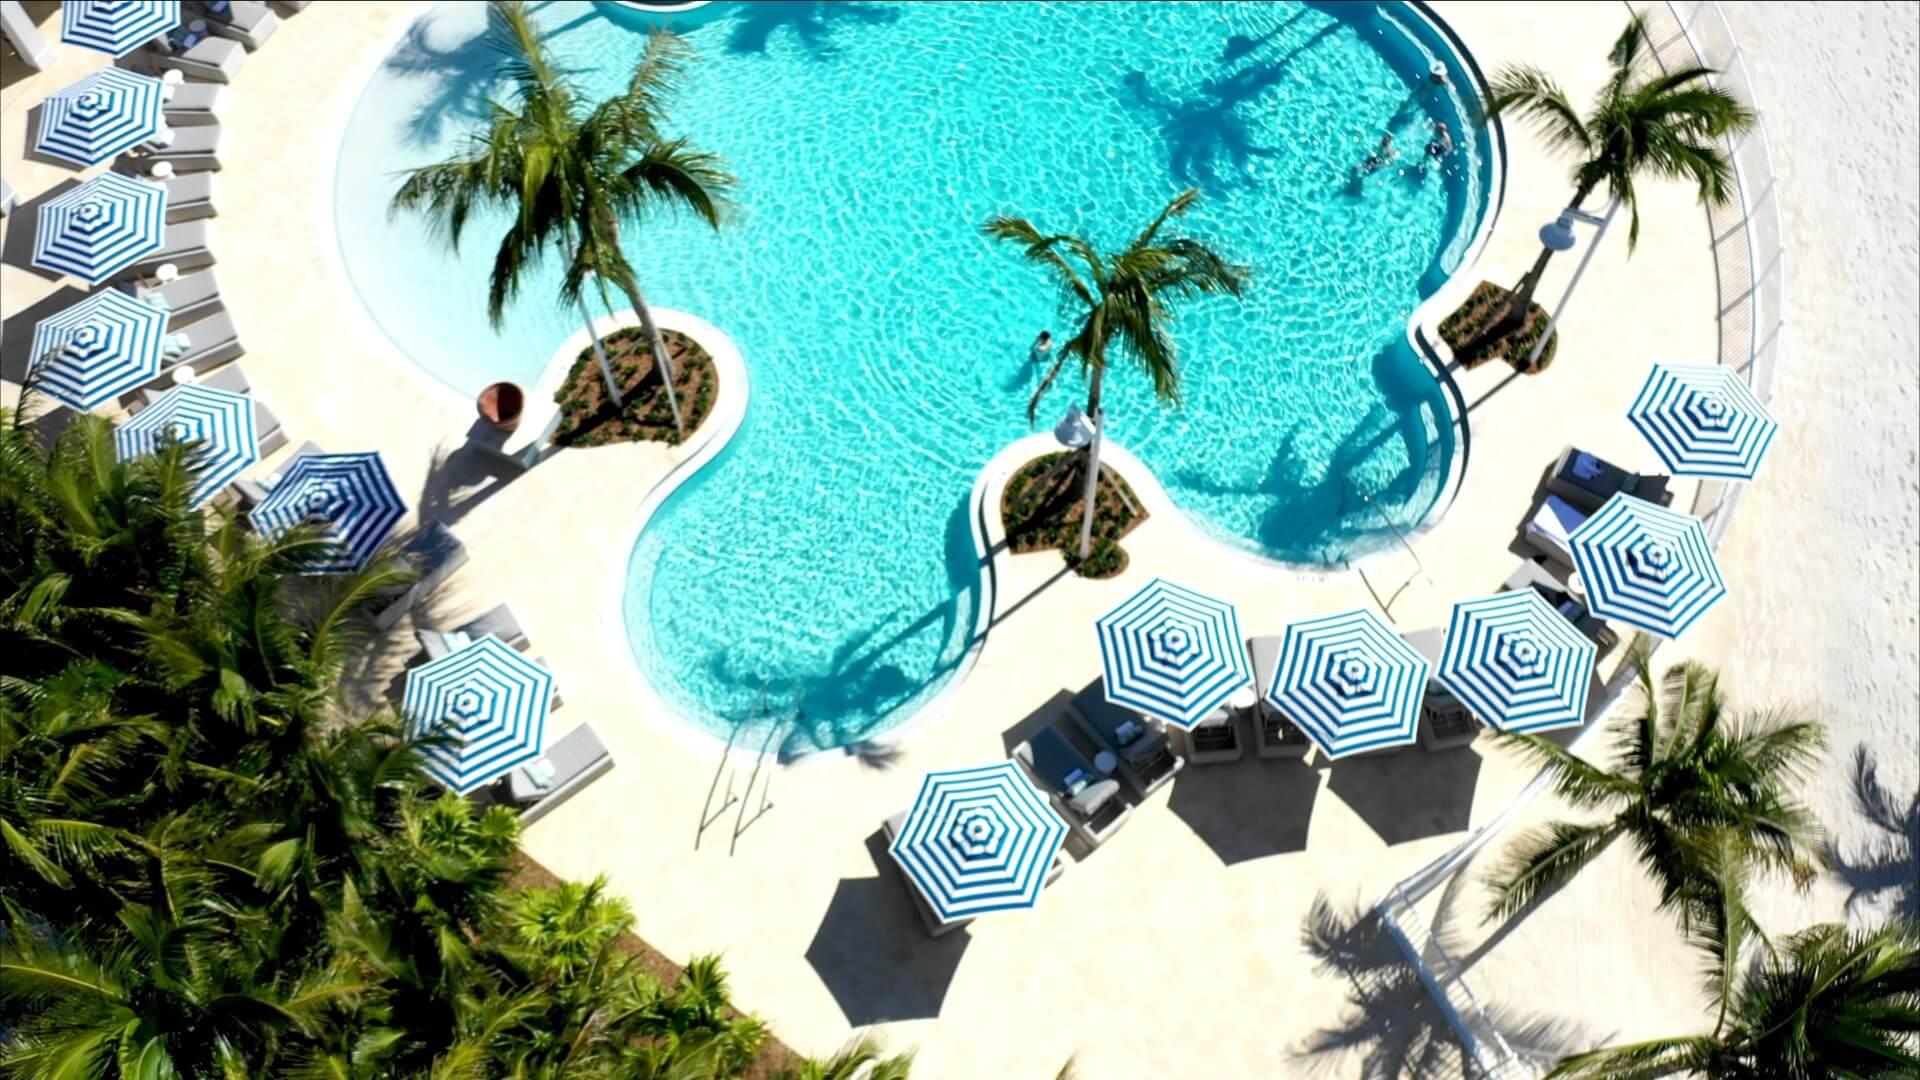 Titta på 0 bilder och läs 1 338 recensioner. Isla Bella Beach Resort Selects The Full Cendyn Hospitality Cloud Portfolio Cendyn